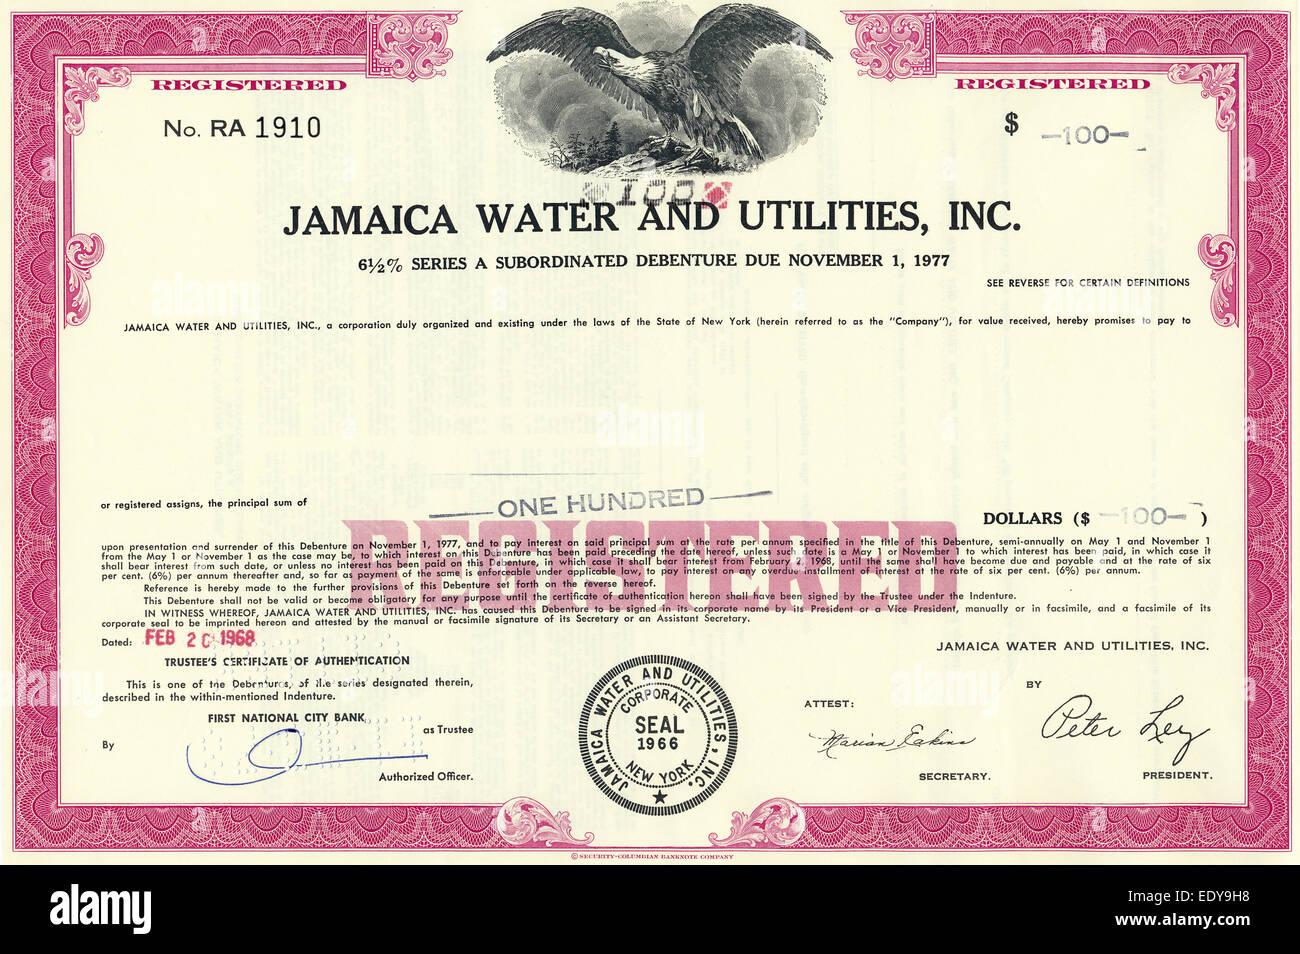 Jamaica Dollar Stock Photos & Jamaica Dollar Stock Images - Alamy